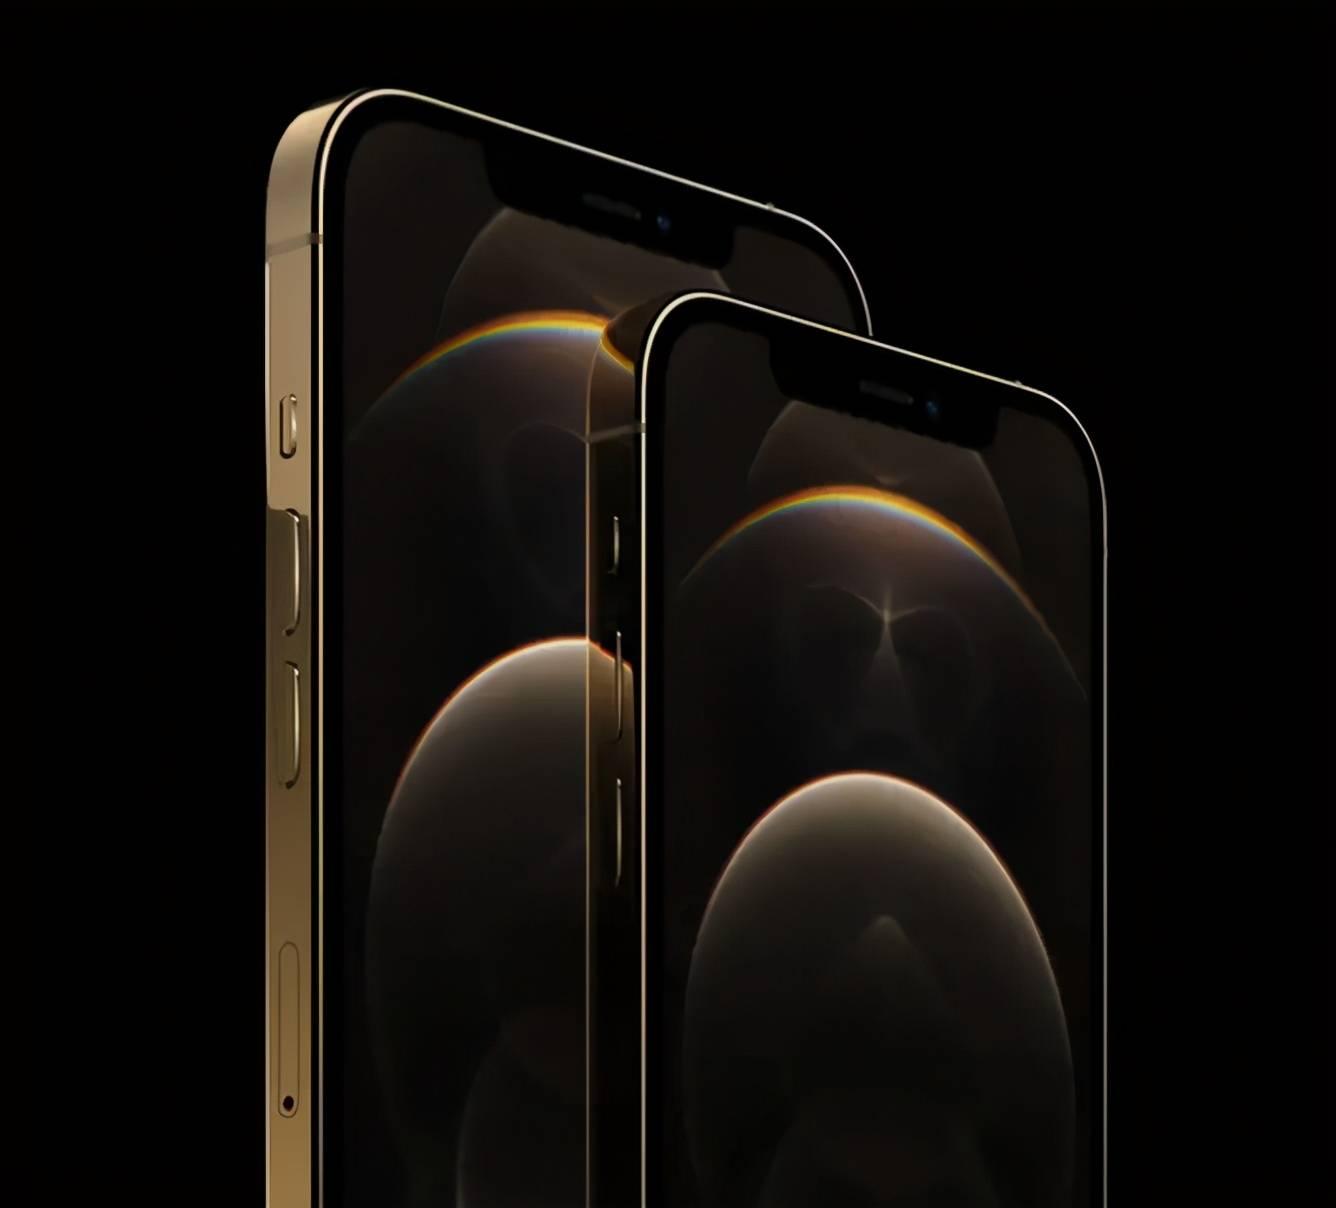 原创             新版iPhone4再曝光:外观改动较大,但3.5英寸小屏保留